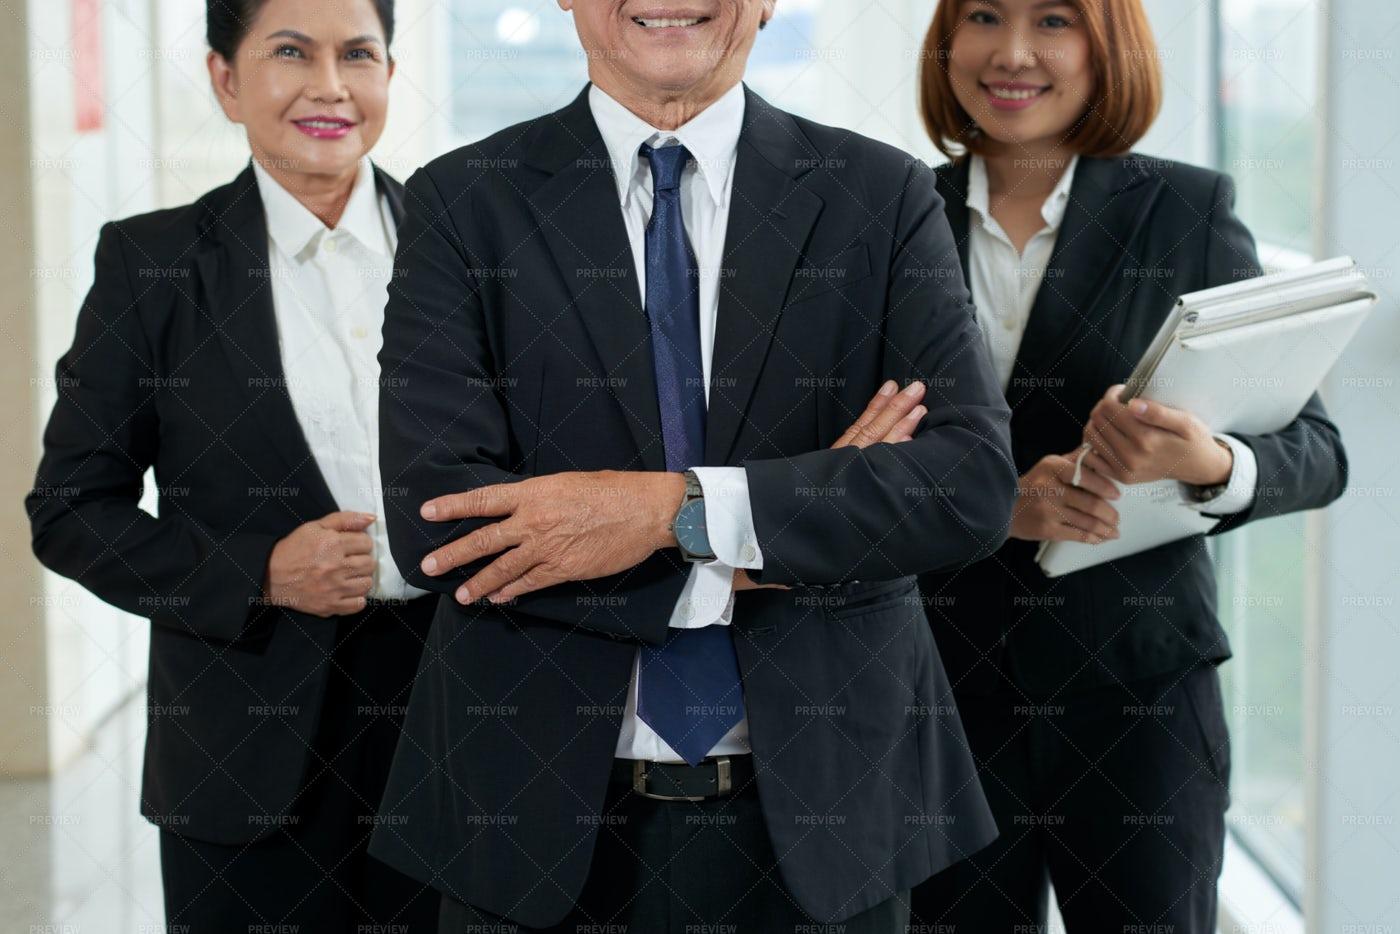 Teamwork: Stock Photos